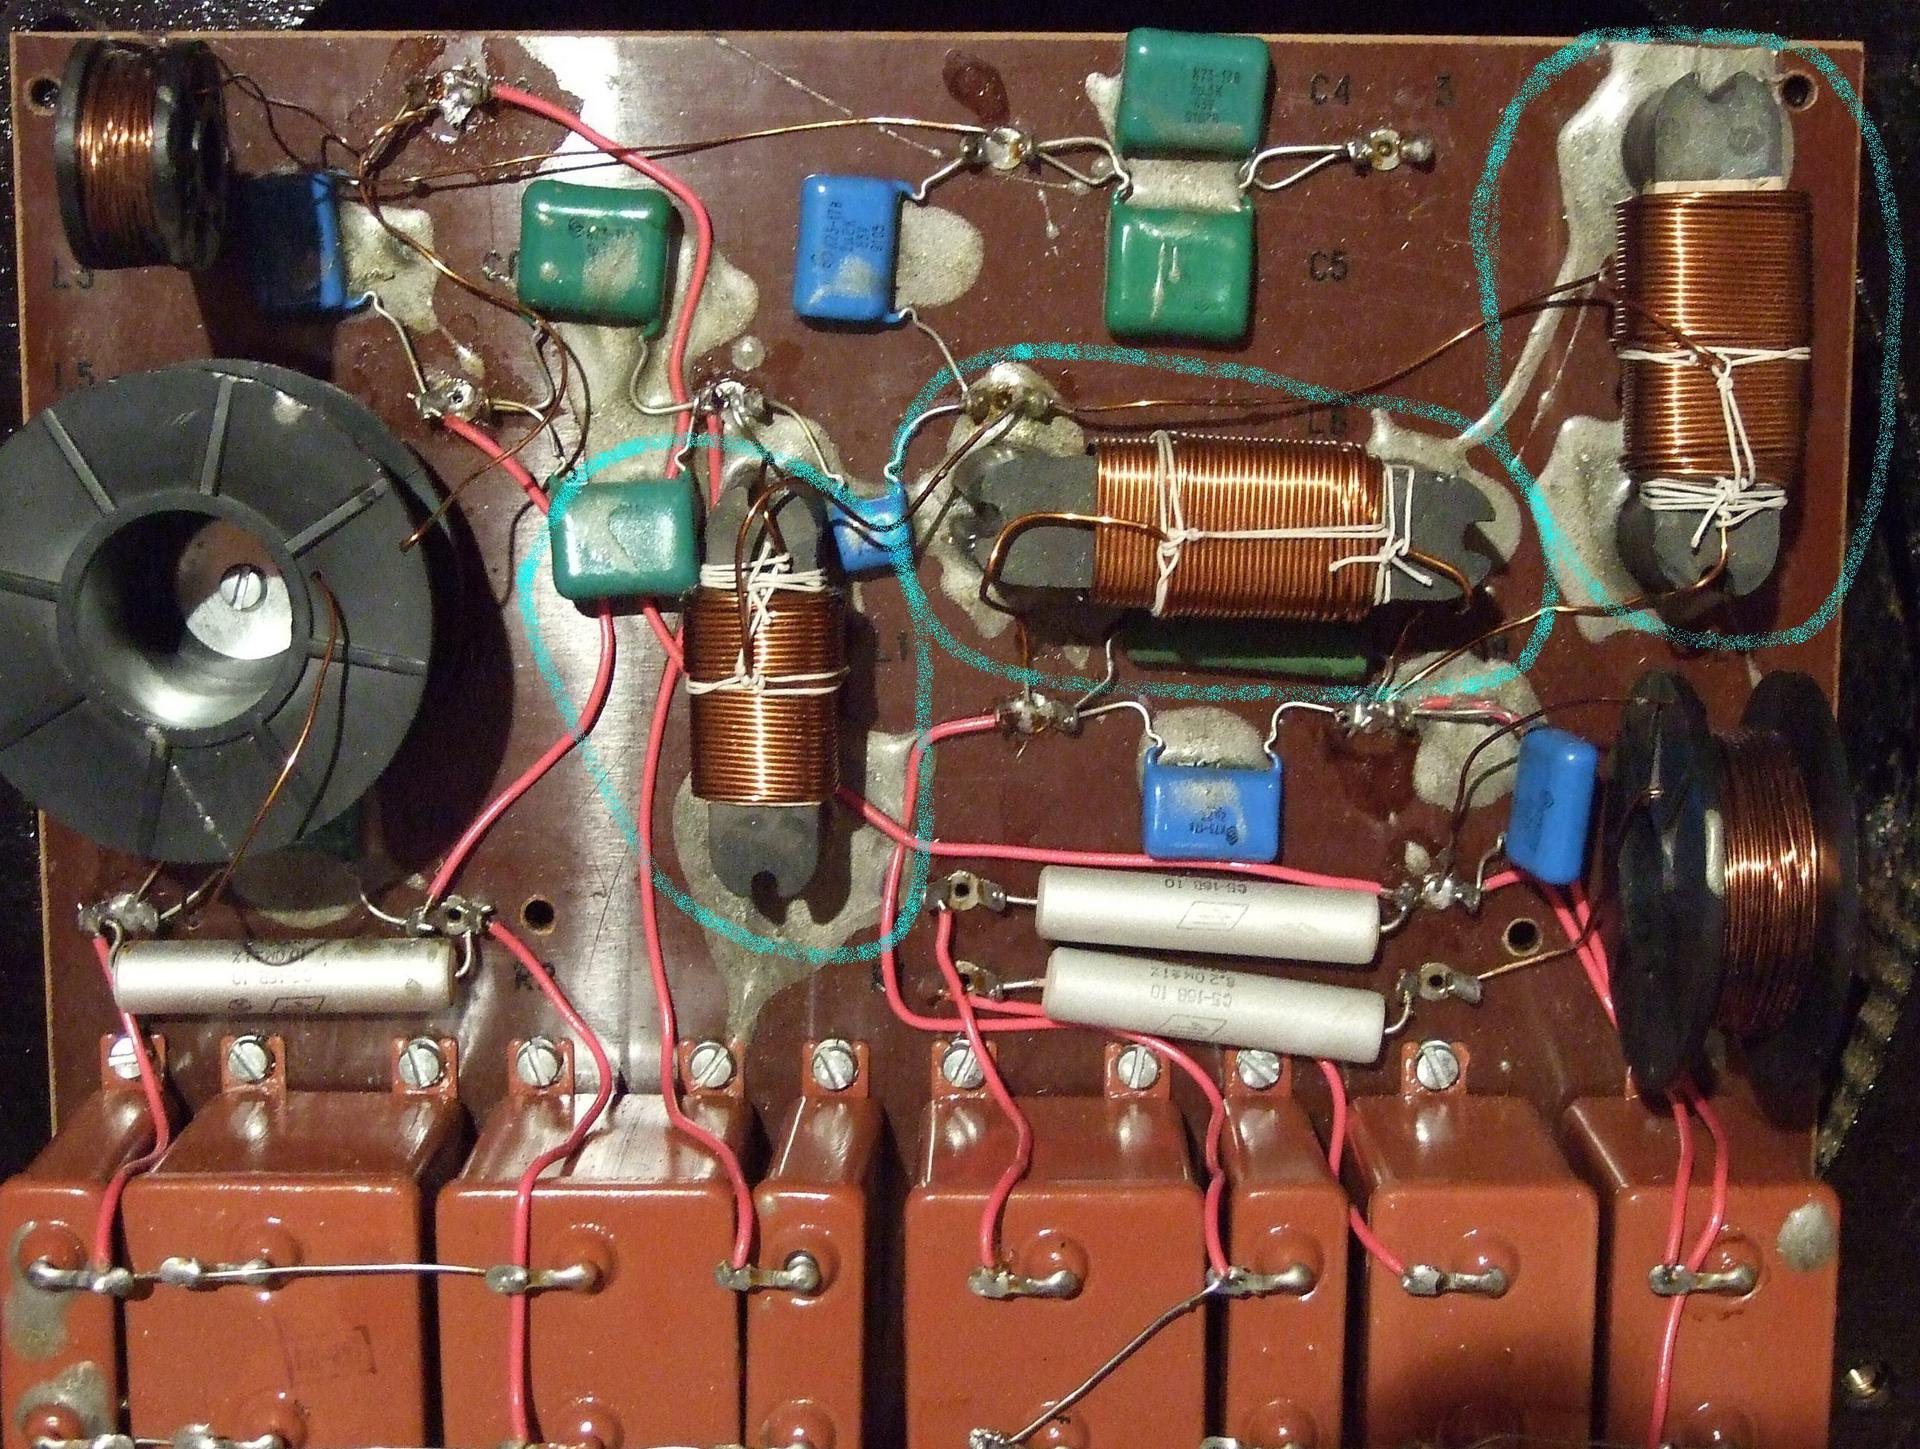 Орбита 35ас-016 схема фильтра